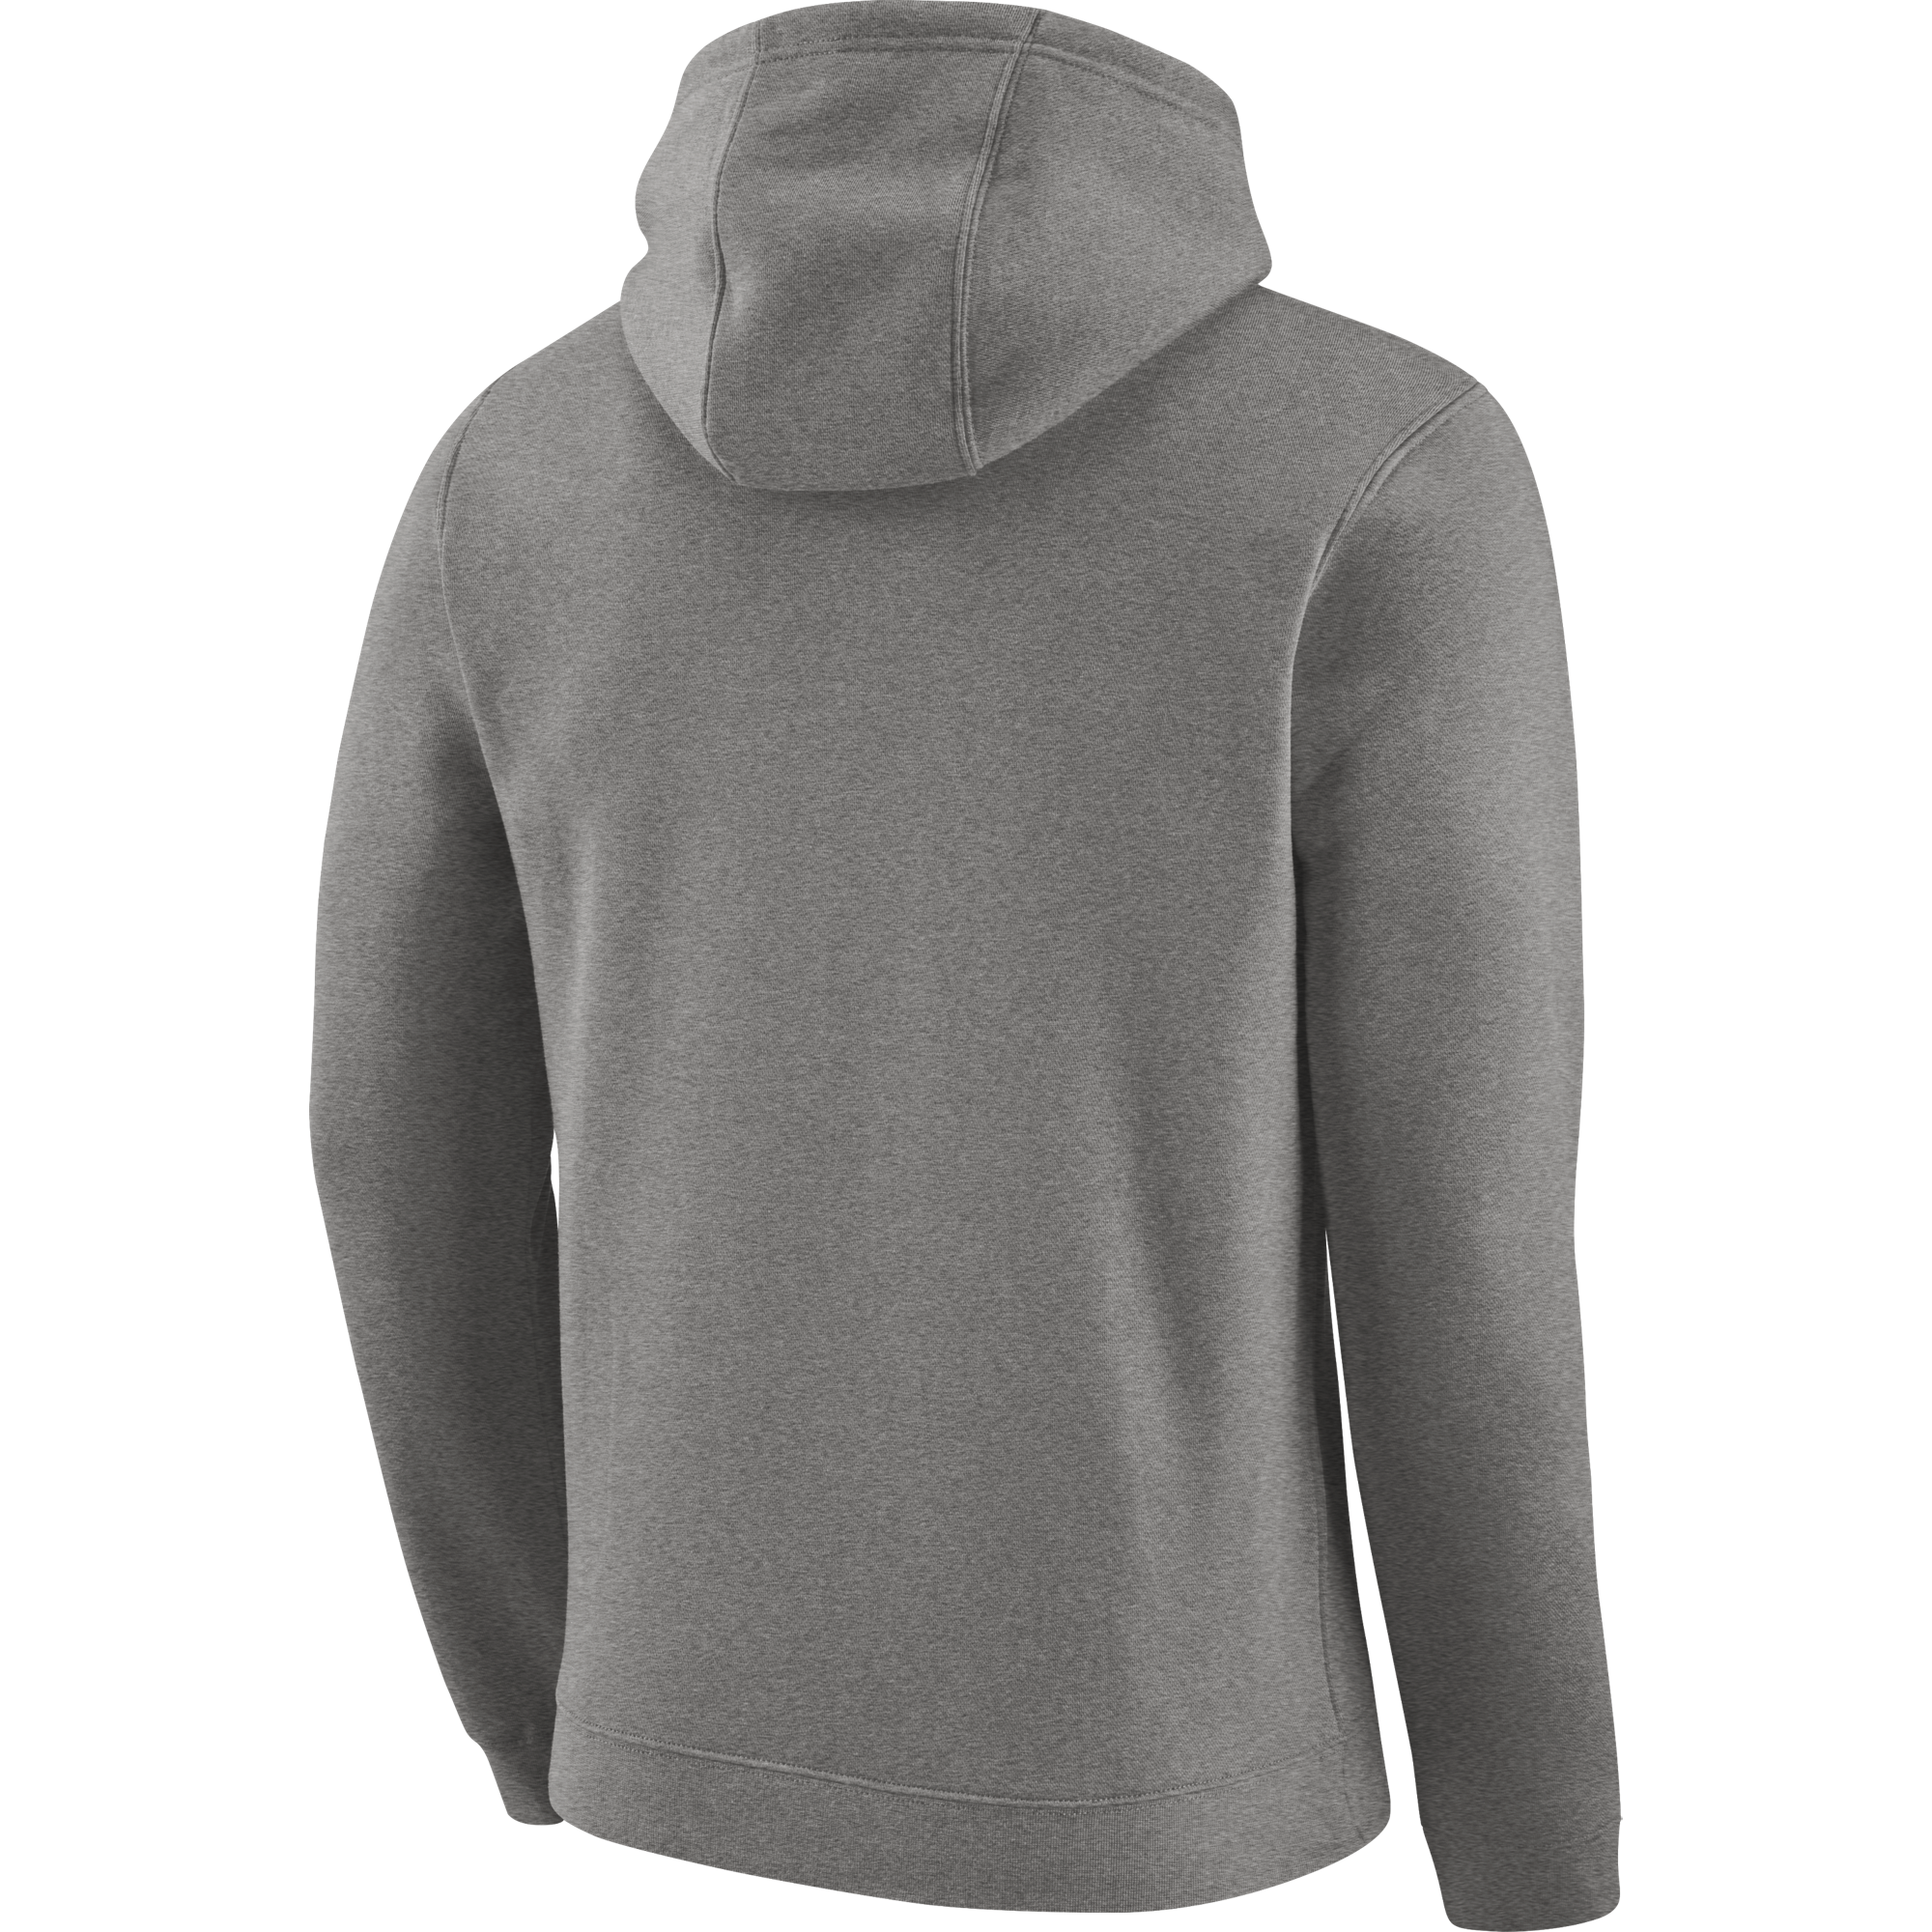 nike 76ers hoodie black